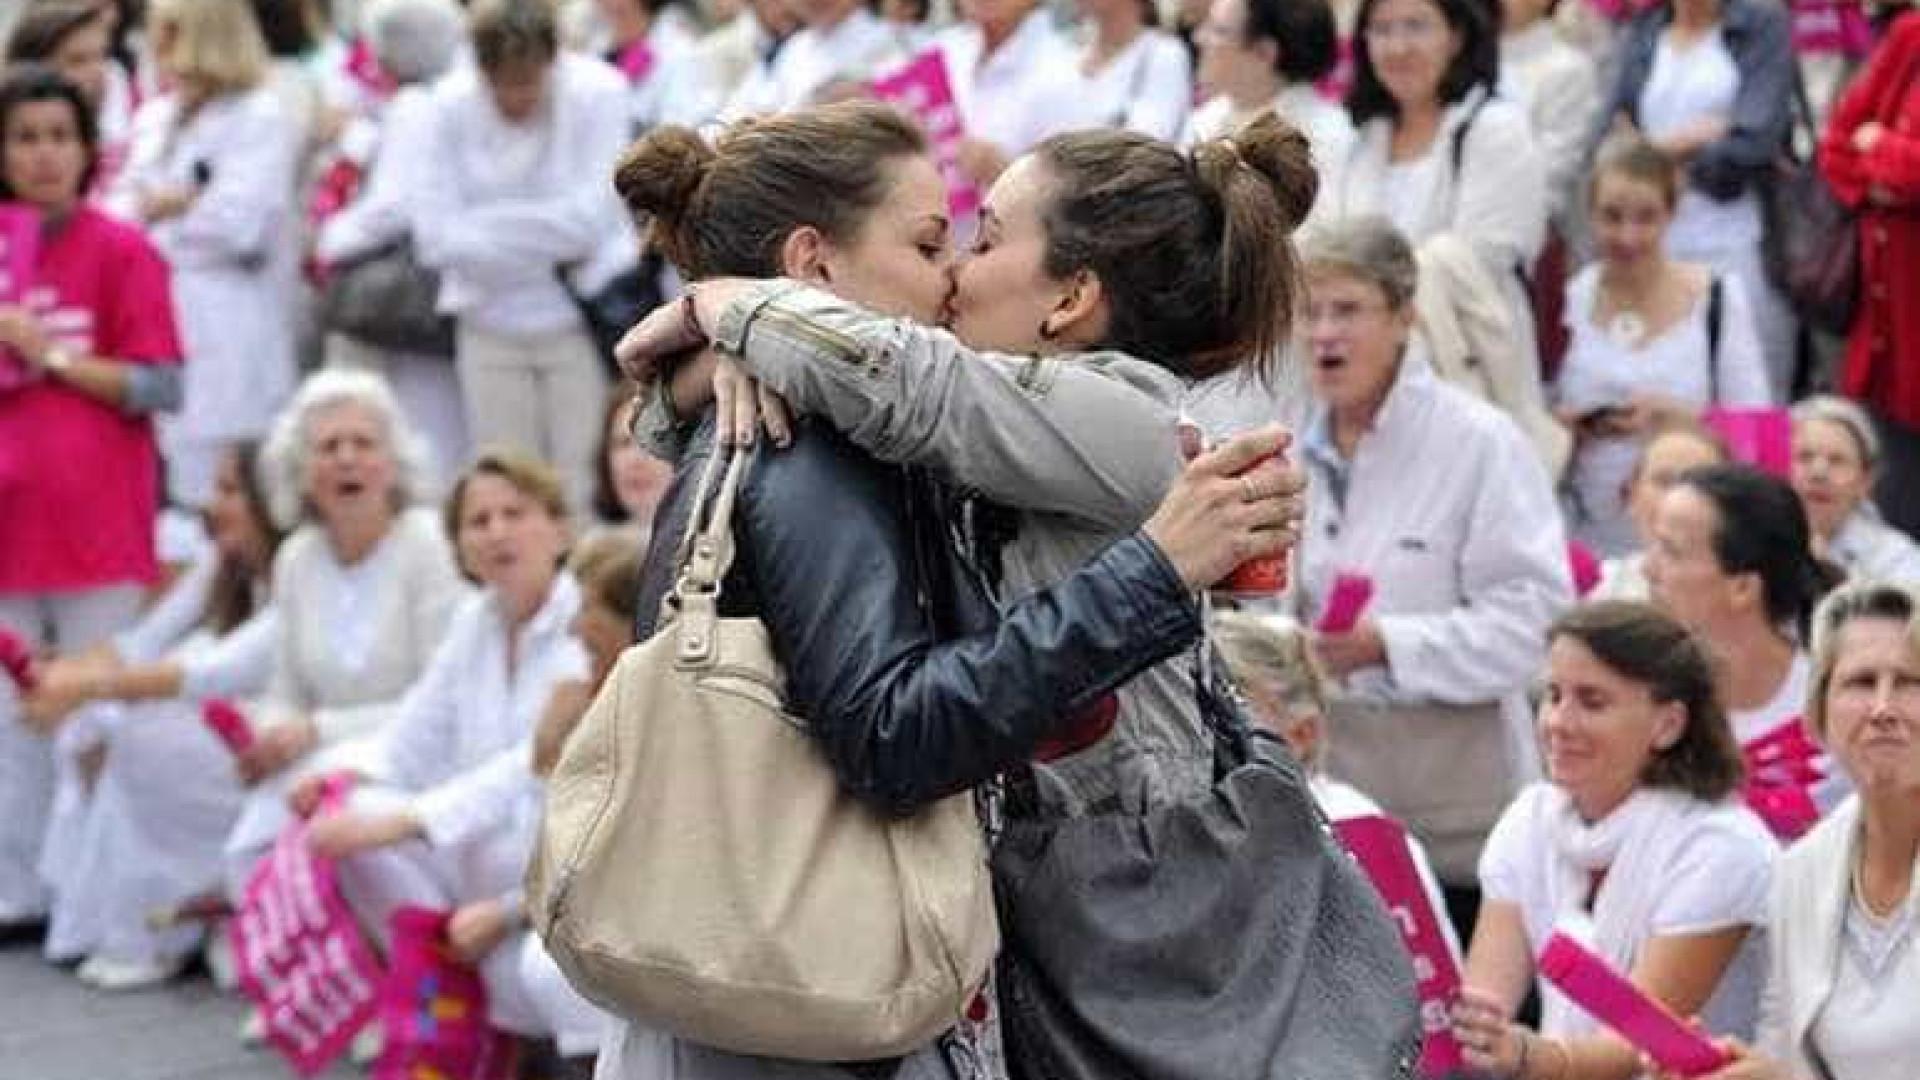 Casal de lésbicas beija-se em manifestação contra casamento homossexual